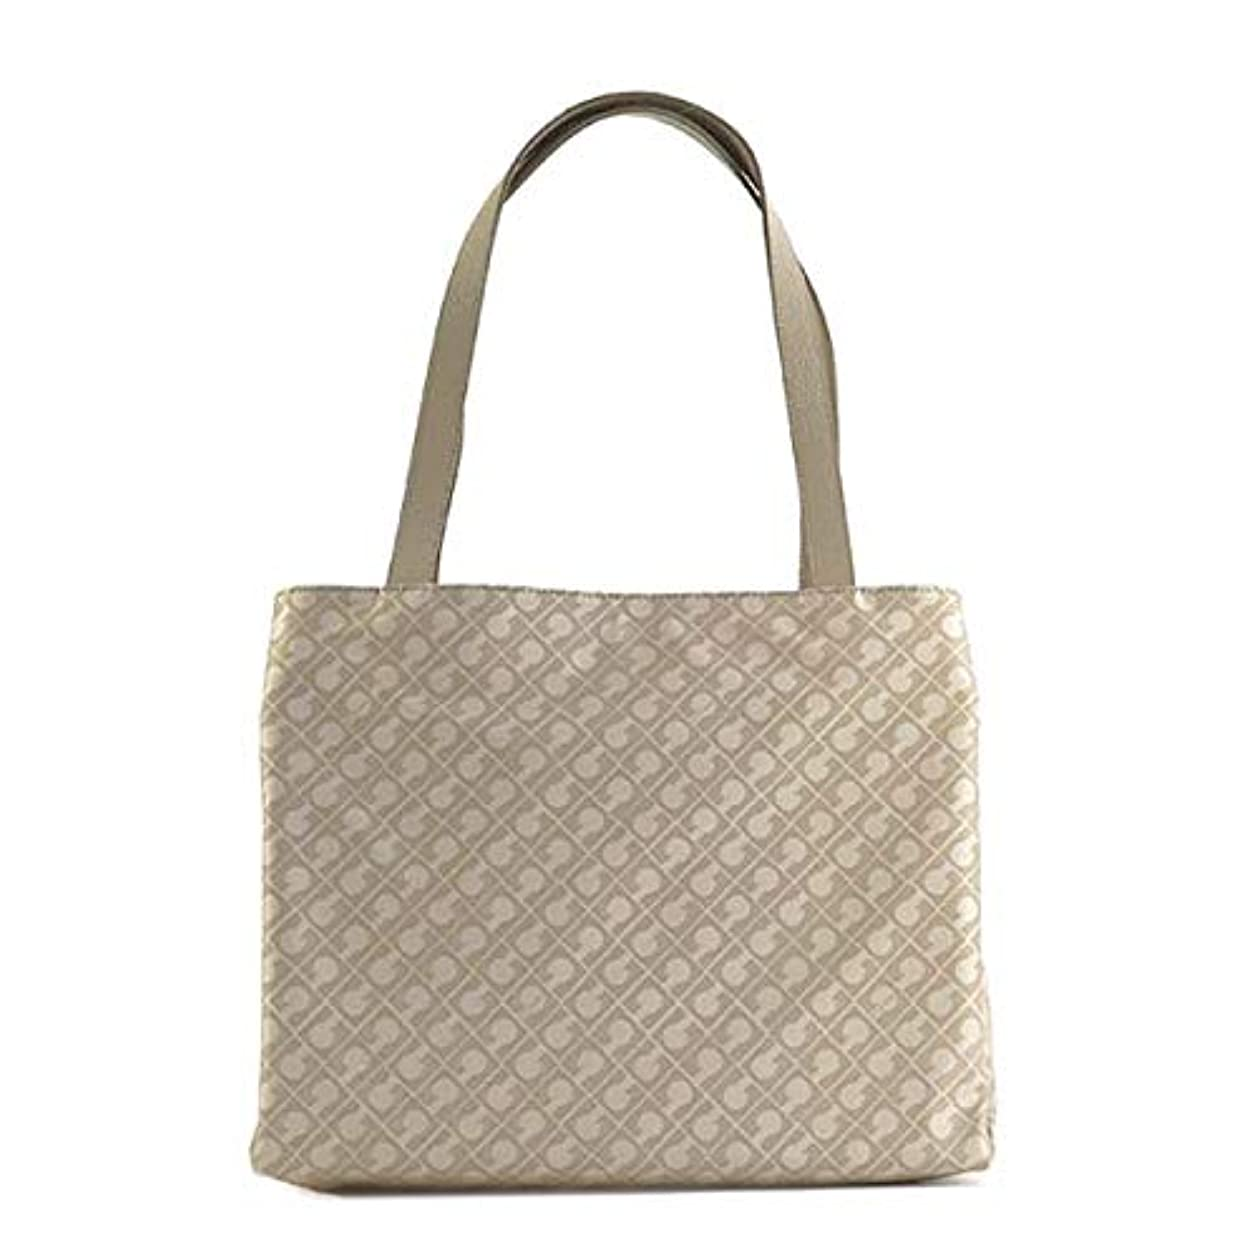 すべきクライストチャーチ意見(ゲラルディーニ) GHERARDINI SHOPPING BAG ショルダーバッグ #GH0222 CRETA 並行輸入品